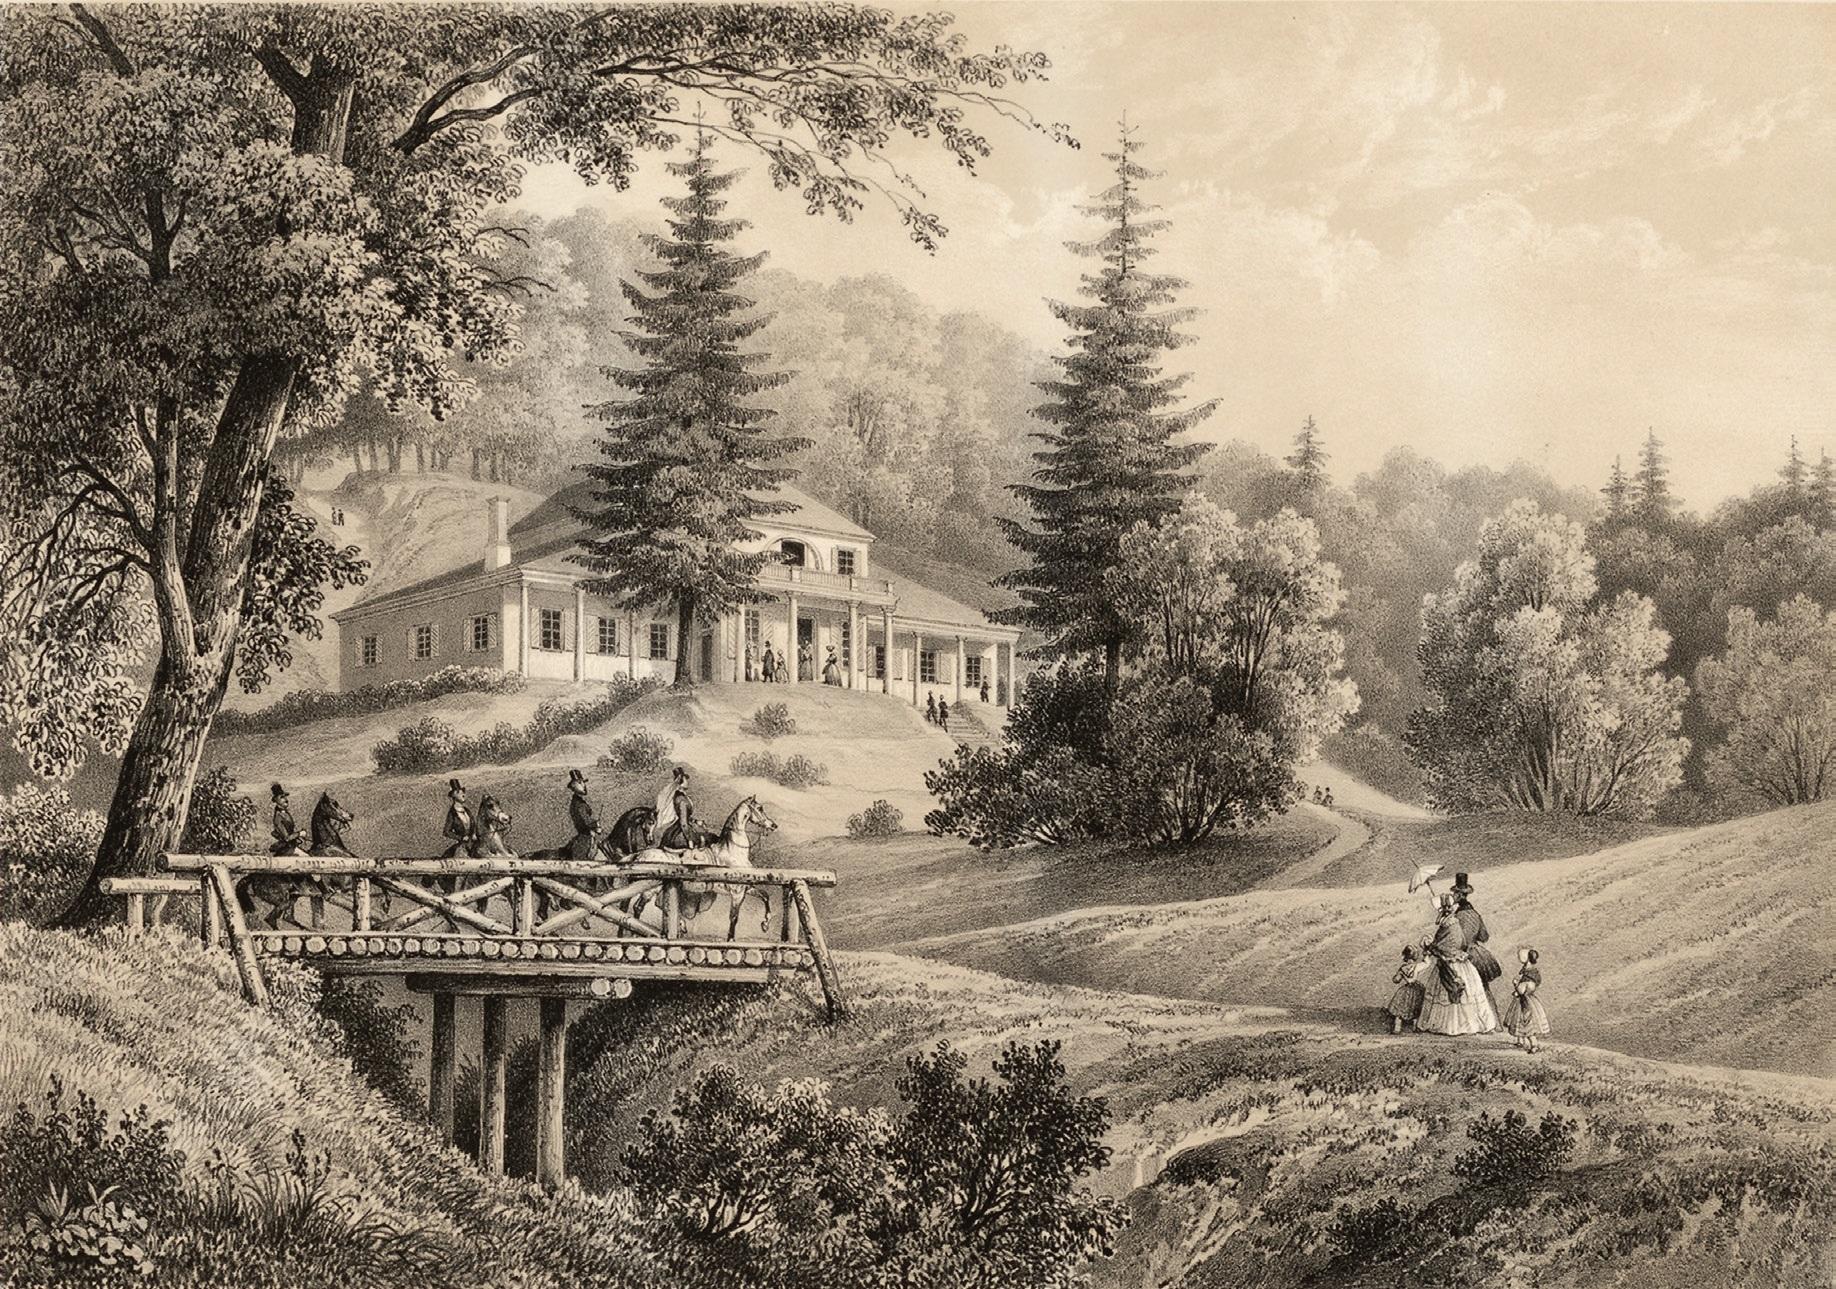 """Ribiškių dvare, netoli Vilniaus, XIX a. pr. buvo įkurta kavinė """"Kaimiška kava"""", kuri daugelį metų buvo miesto gyventojus labiausiai viliojanti vieta"""